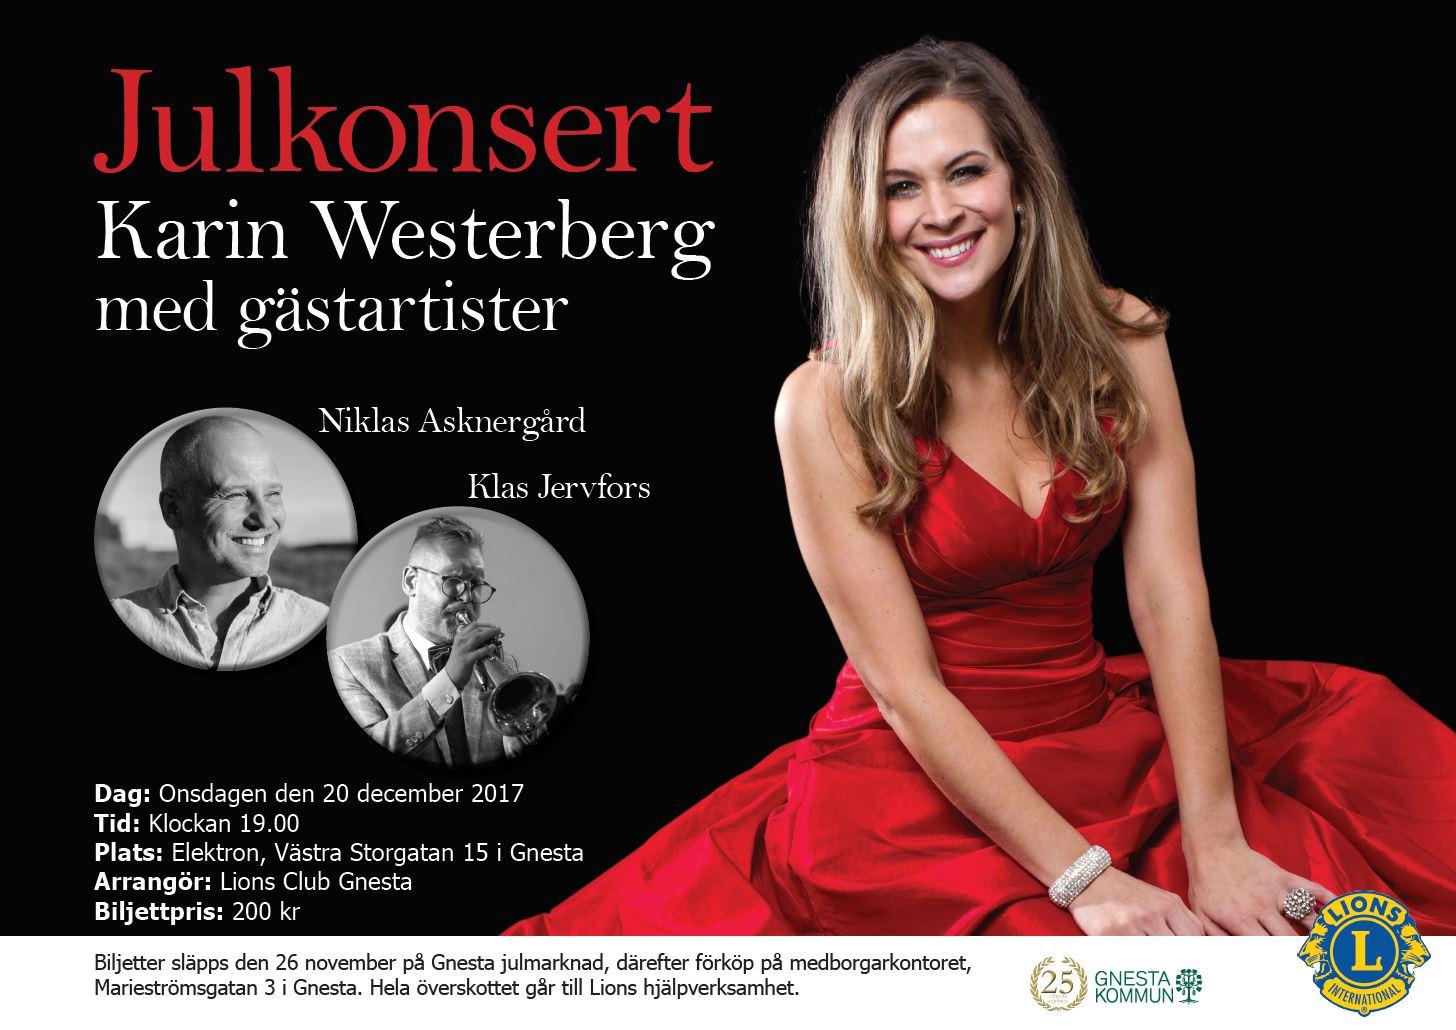 Julkonsert med Karin Westerberg med gäster